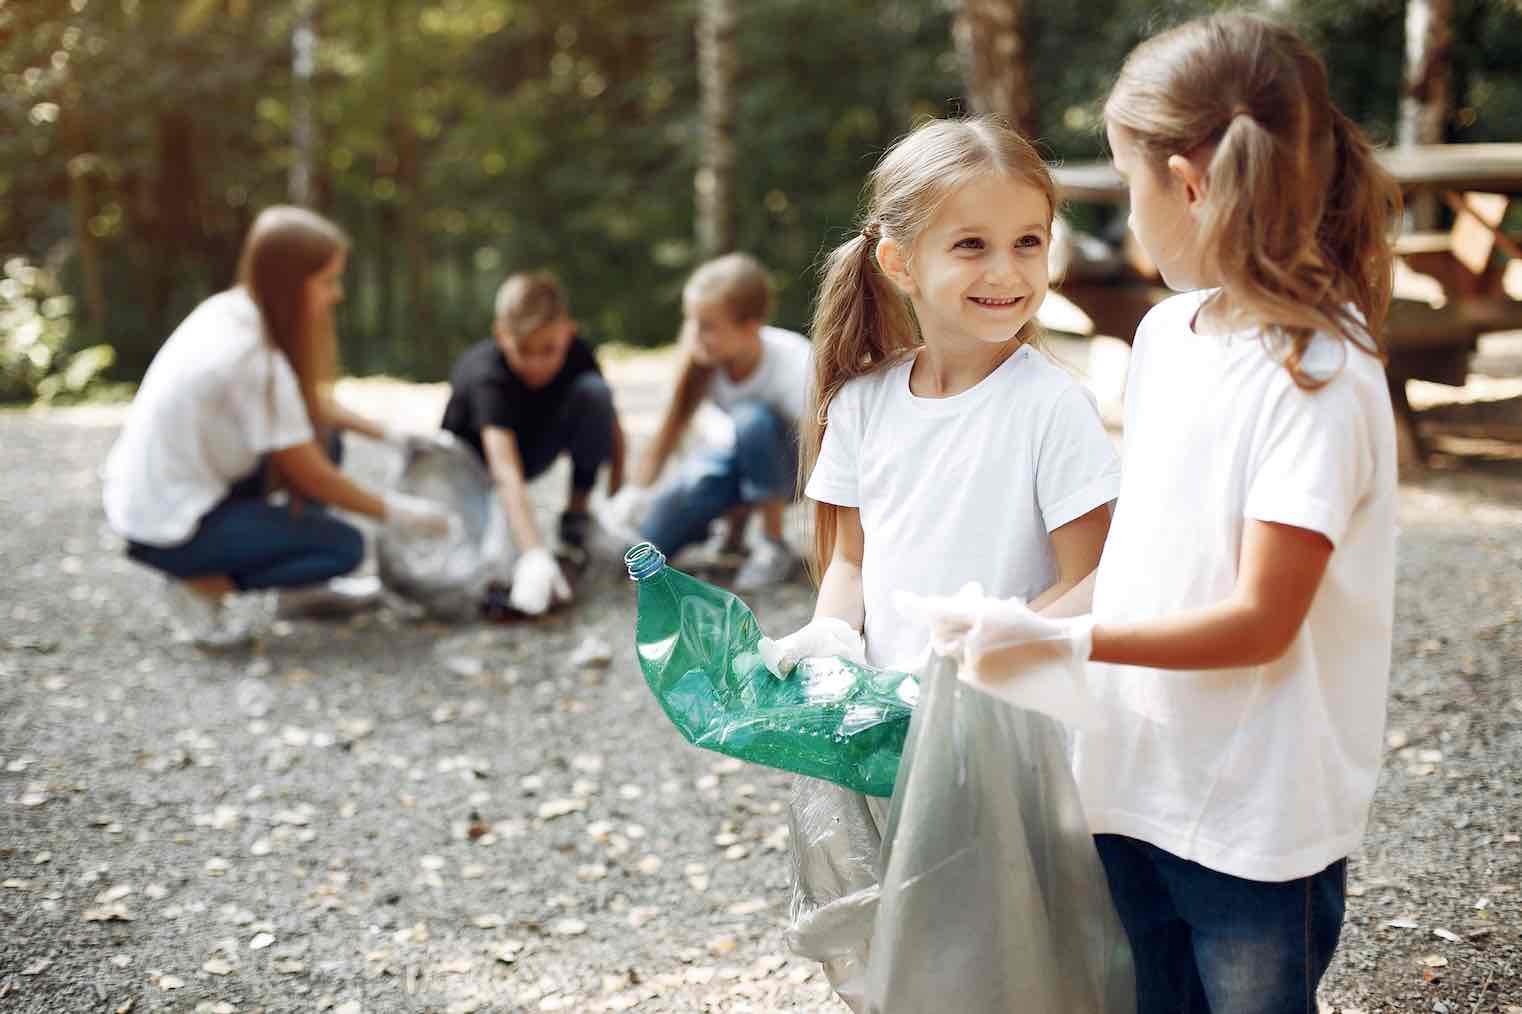 Children practicing the zero waste movement